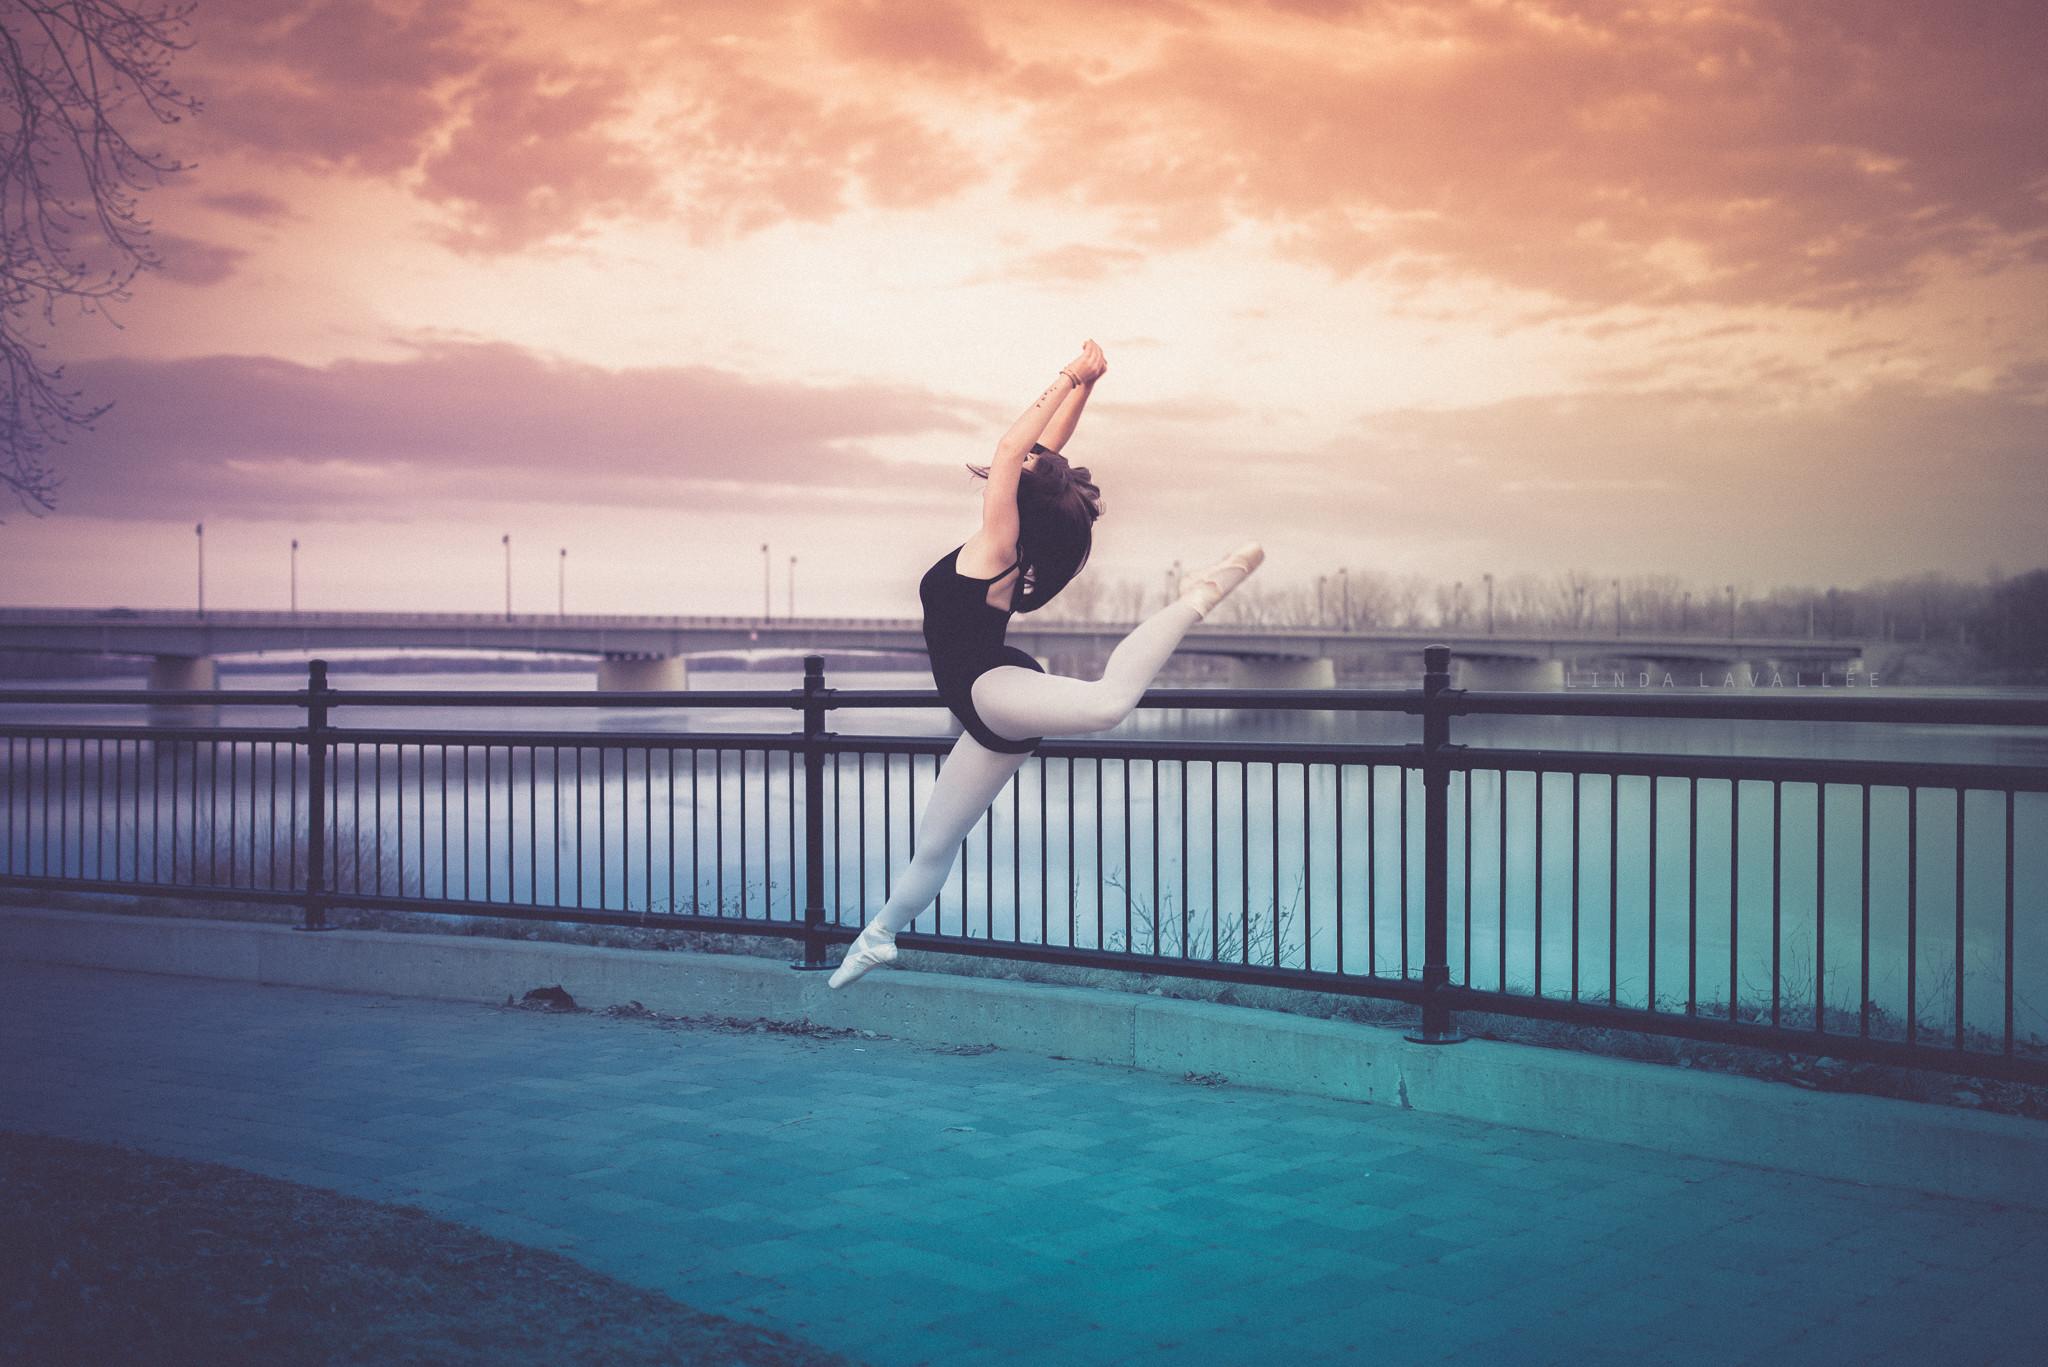 Ballet Dancer Wallpaper Free Wide Hd Wallpaper: Ballerina Wallpaper (72+ Images